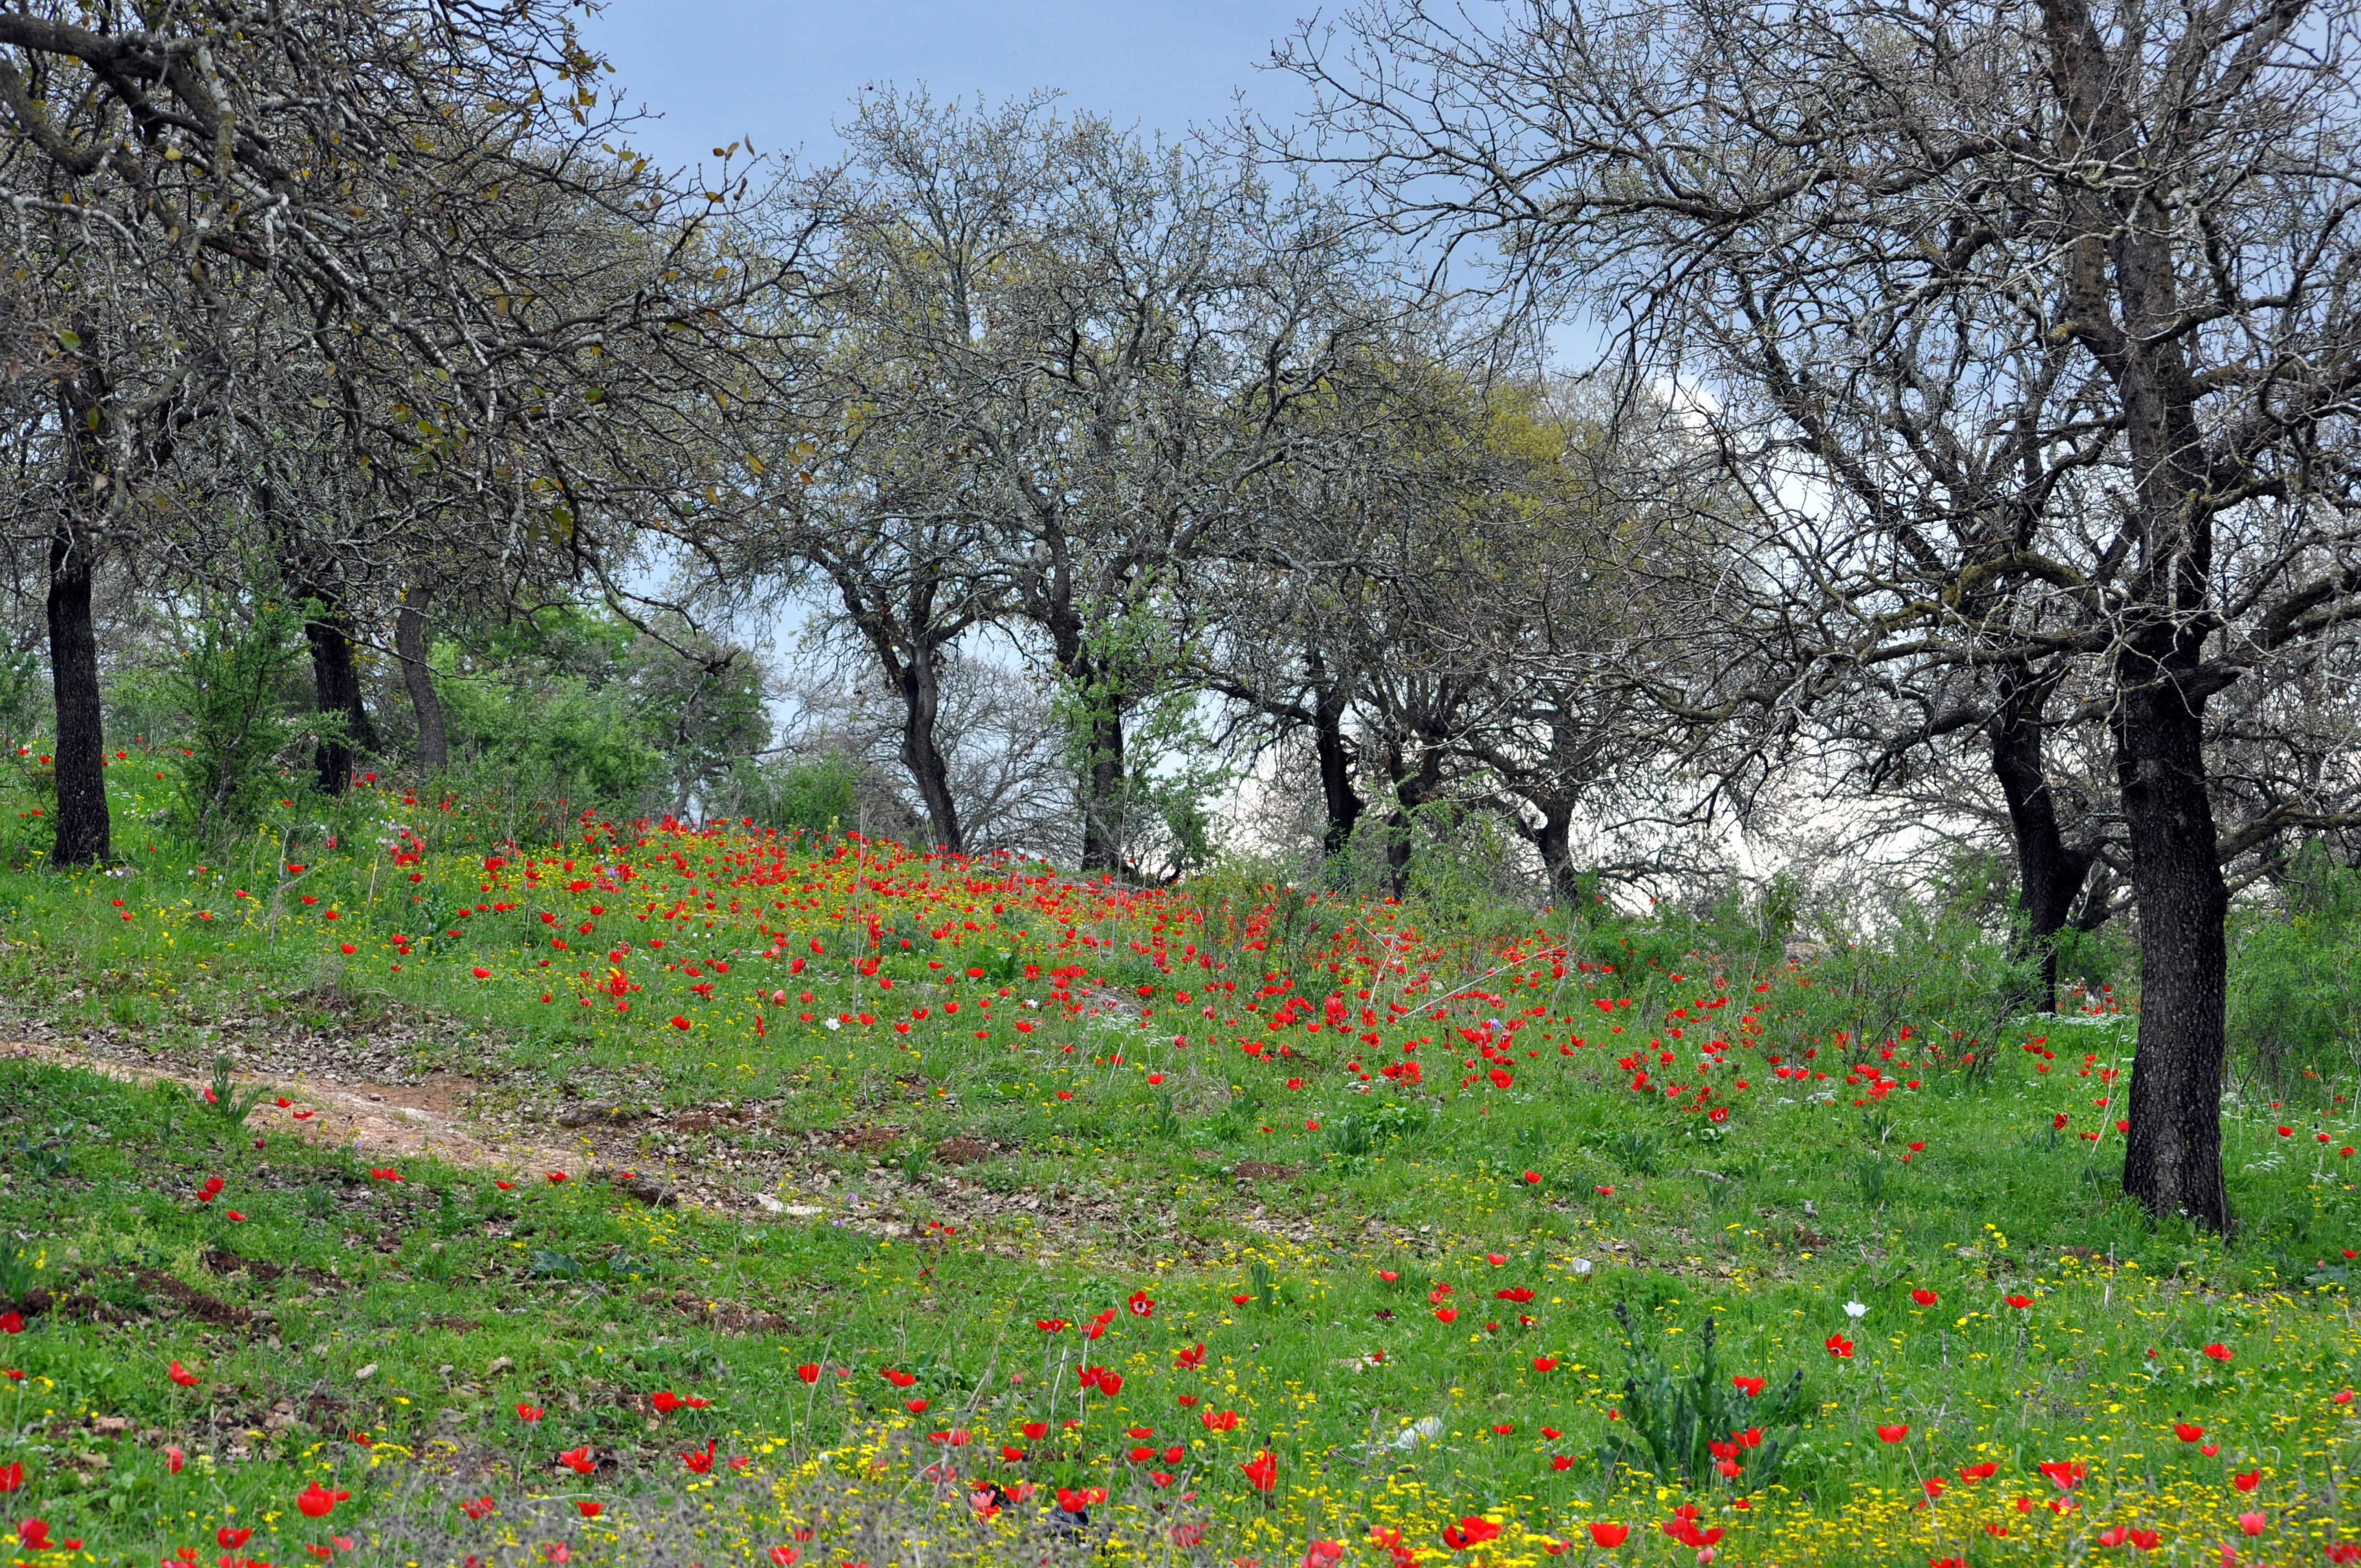 שמורת טבע אלוני אבא – רשות הטבע והגנים